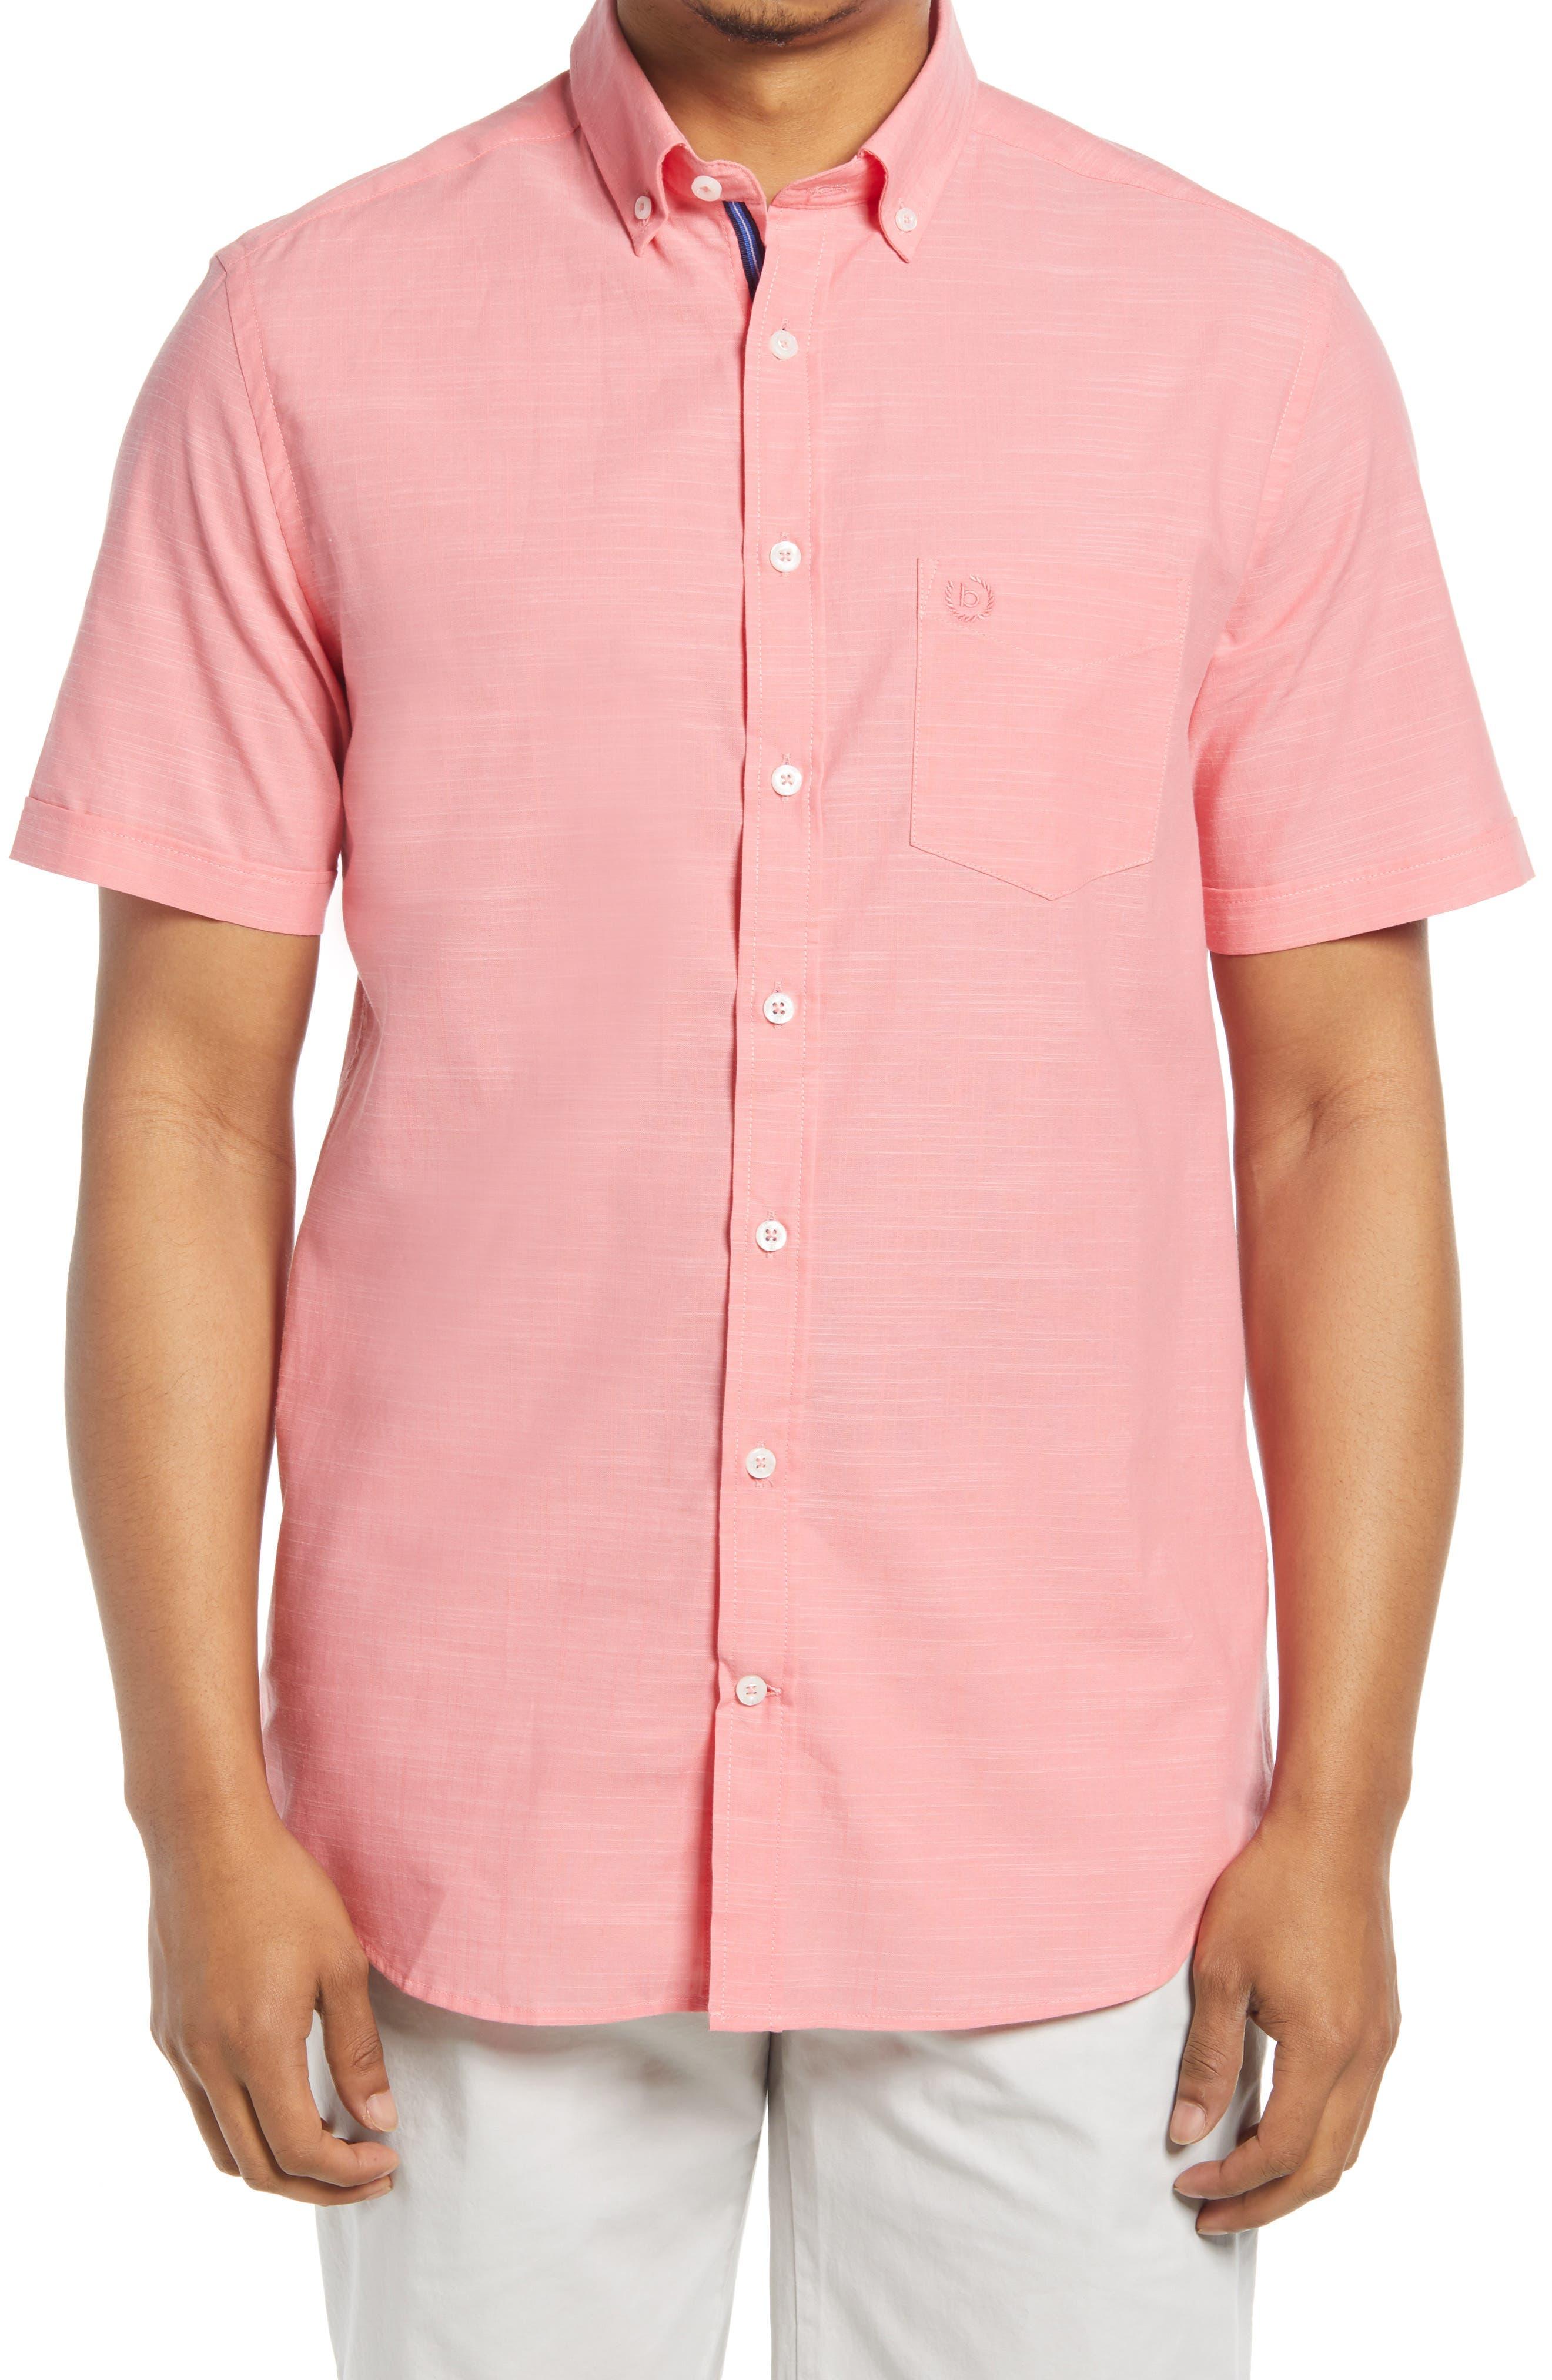 Solid Slub Short Sleeve Button-Down Shirt